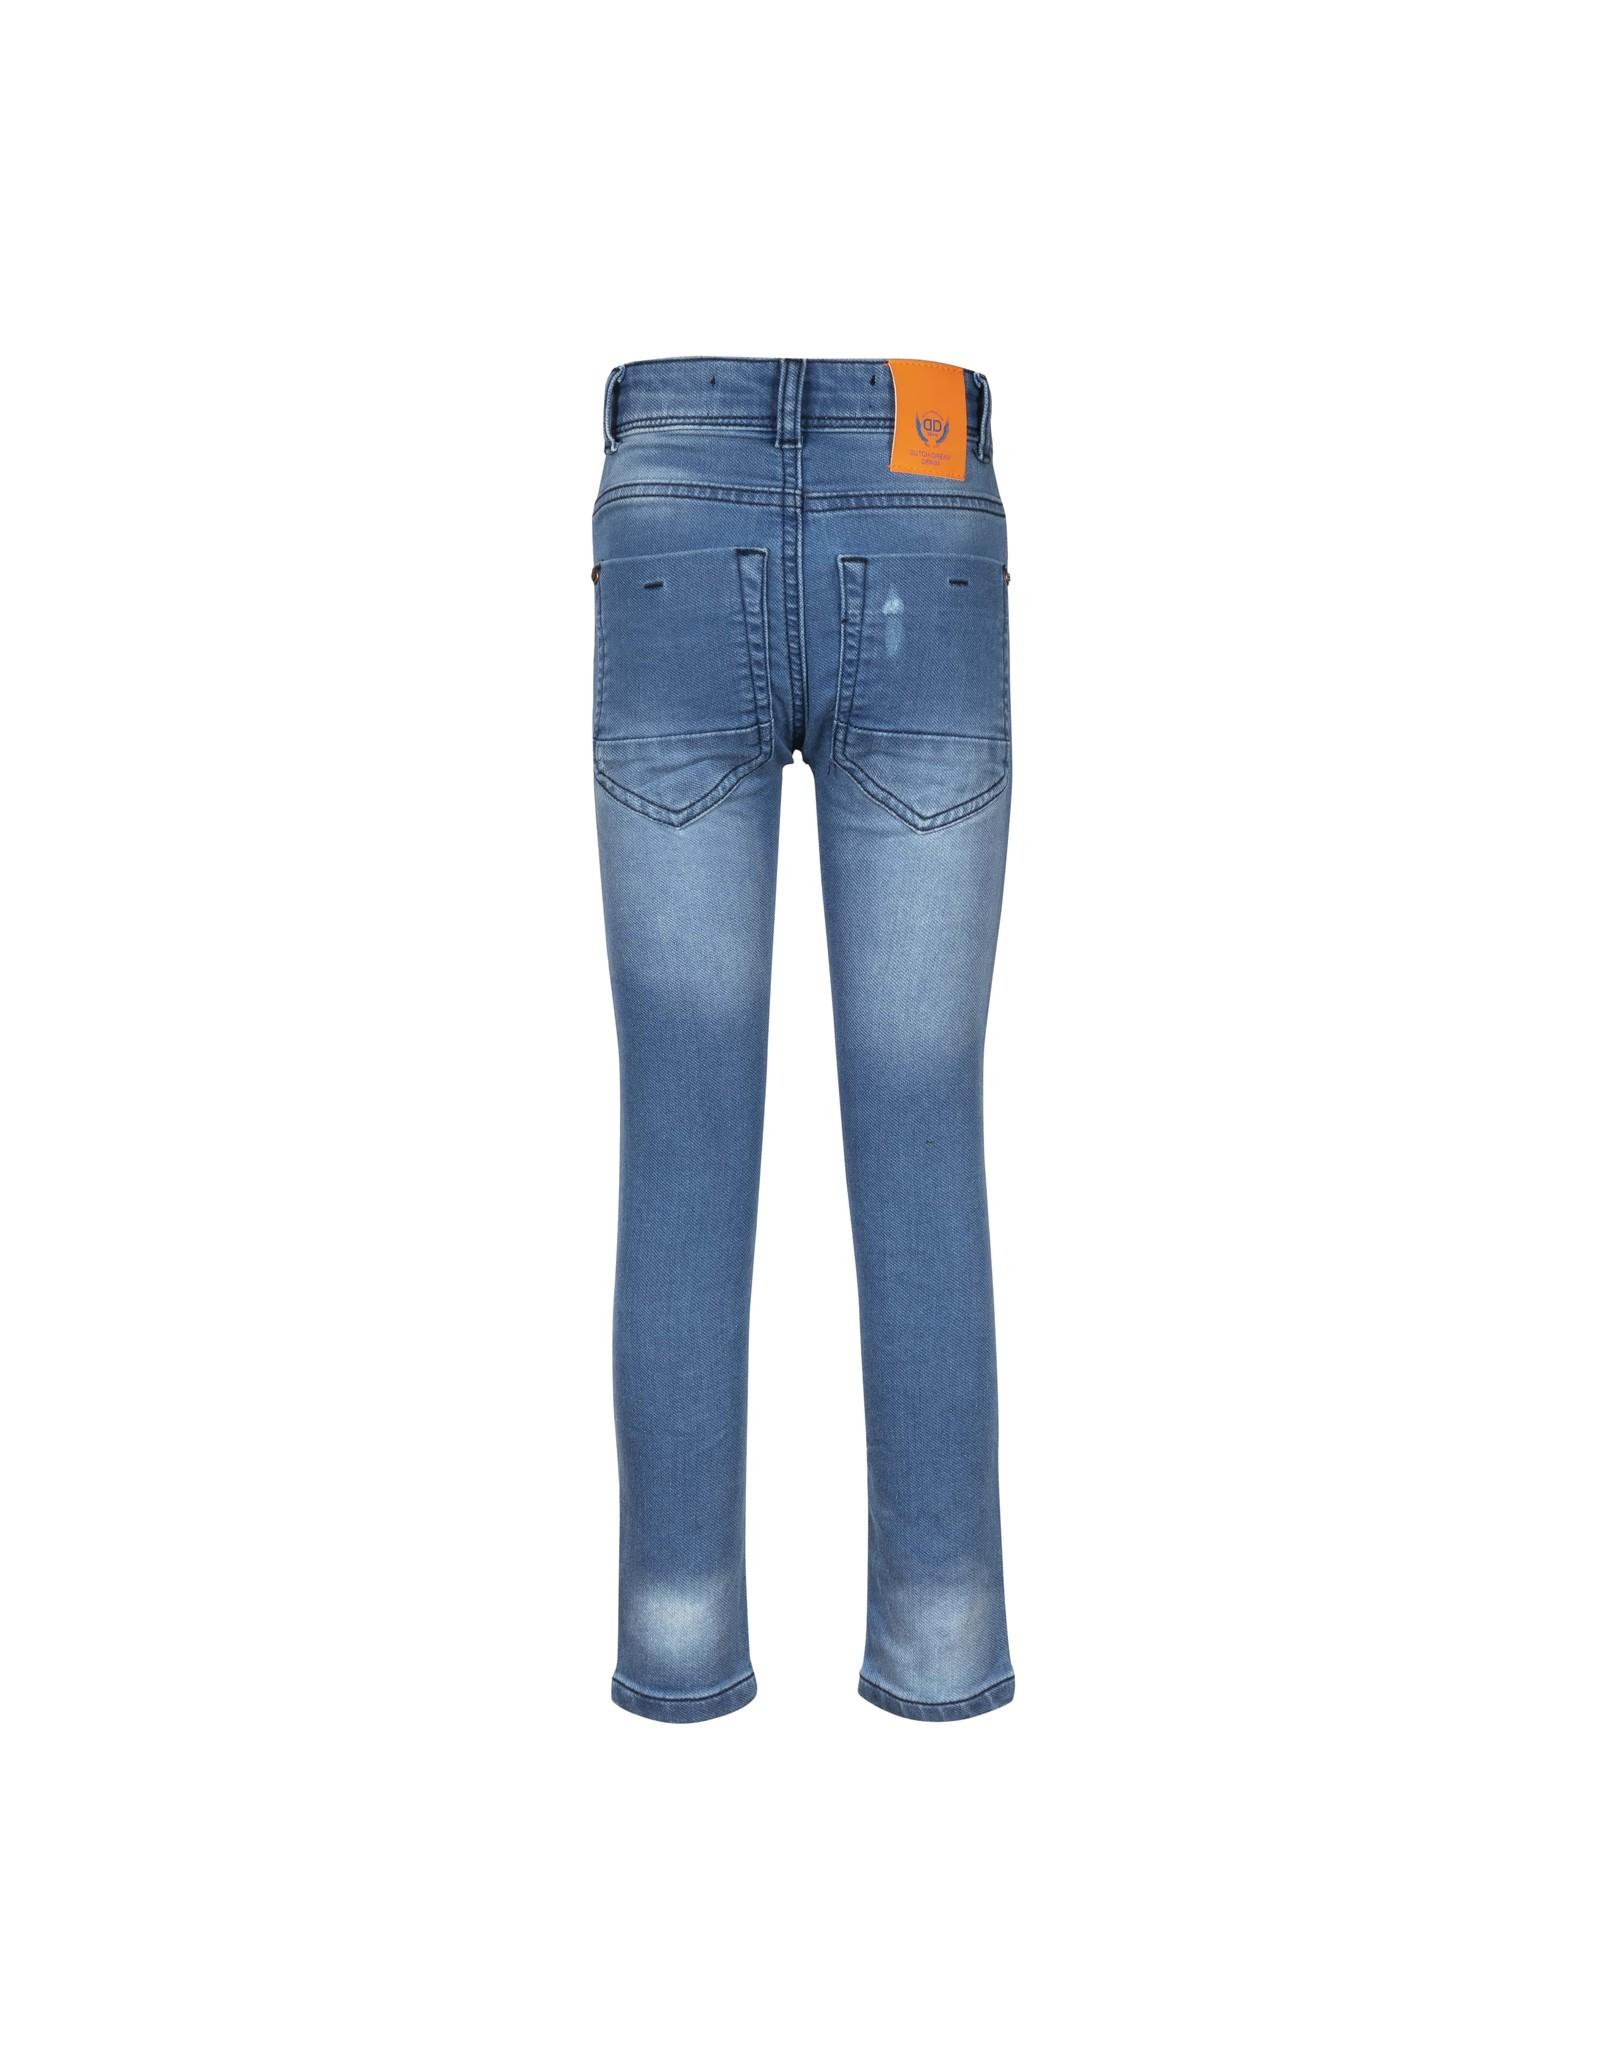 DDD DDD jongens extra slim fit jogg jeans Nini Blue